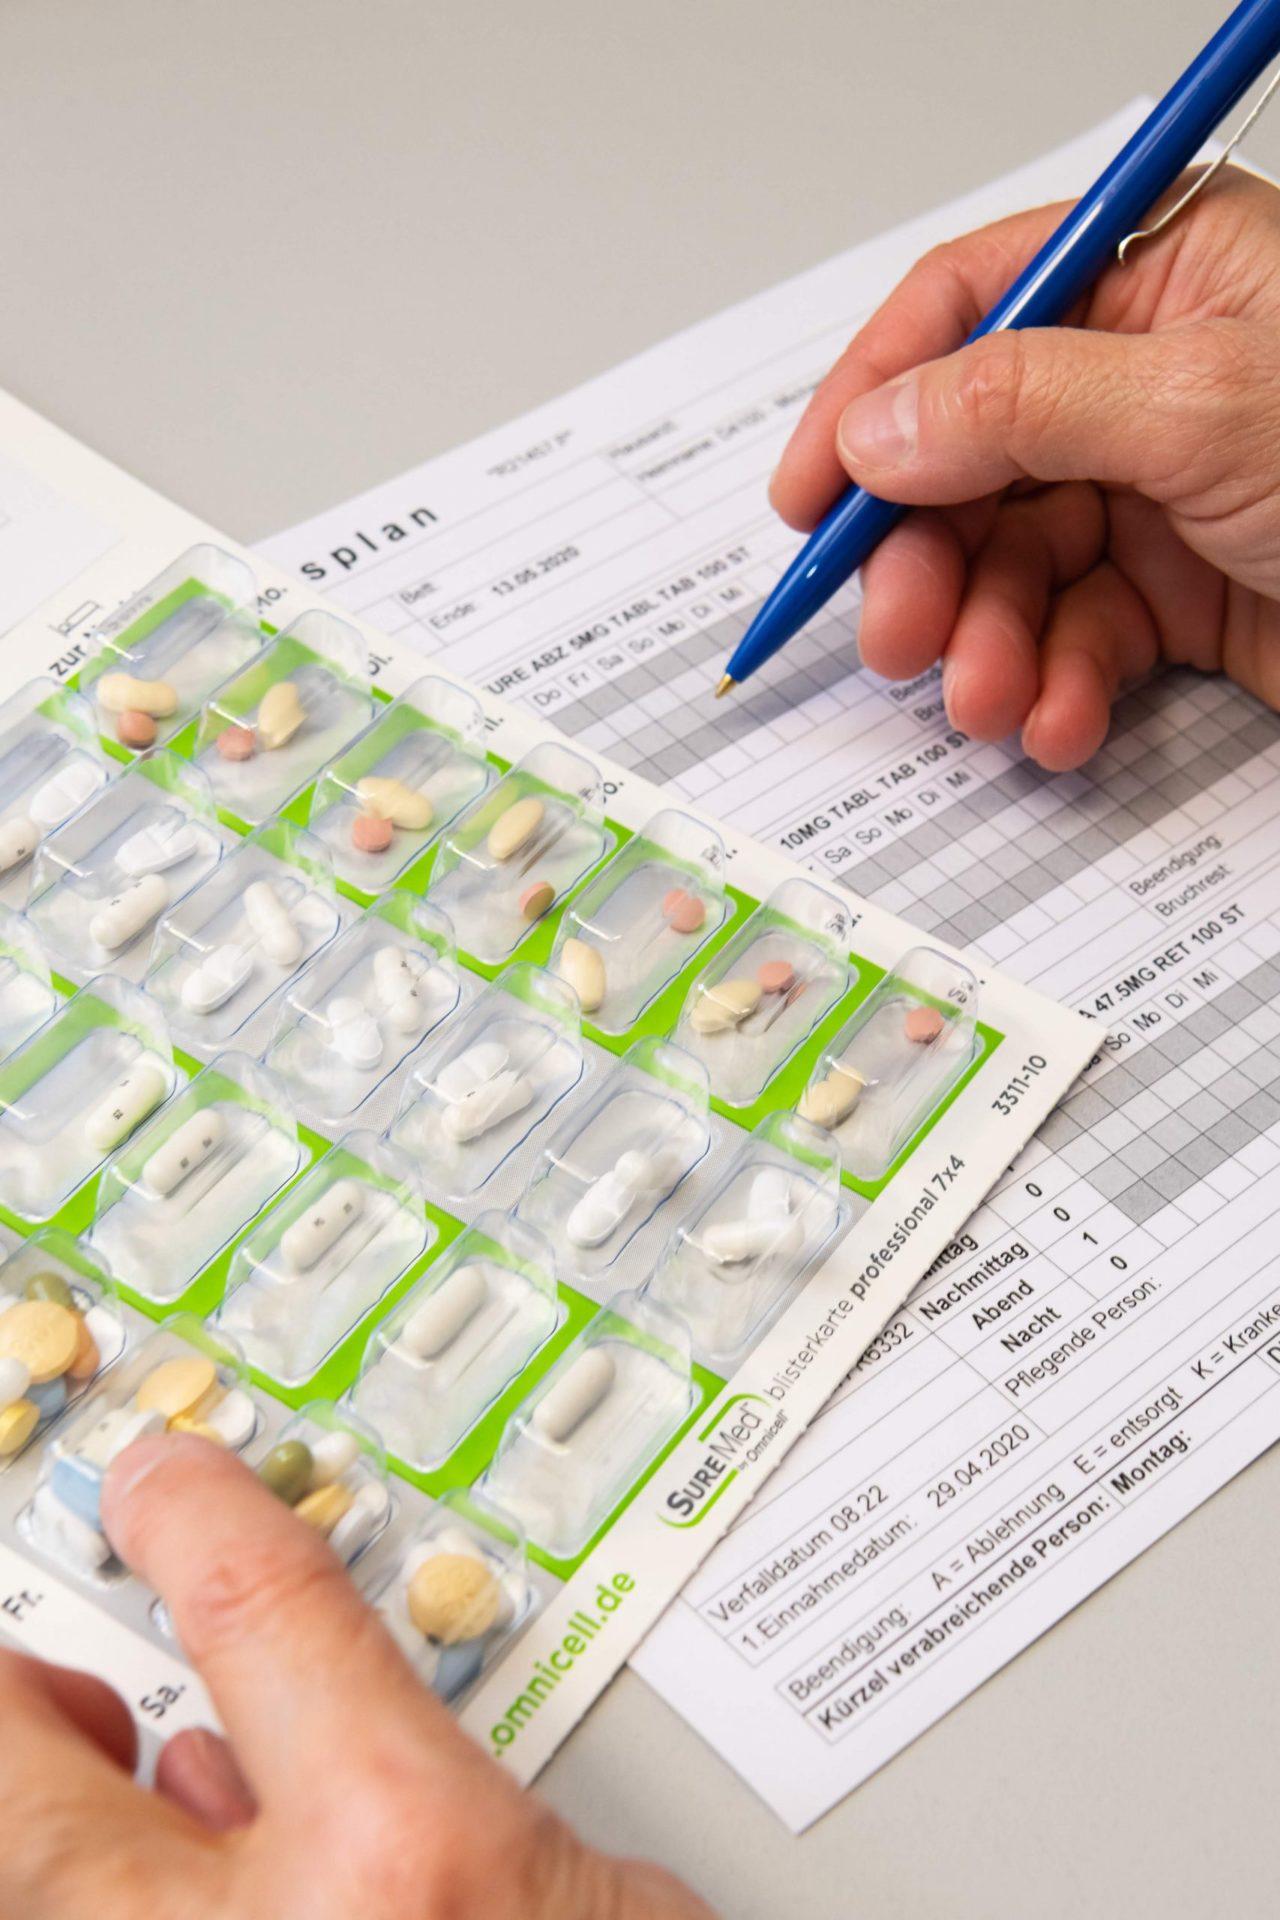 Medikamenten Management